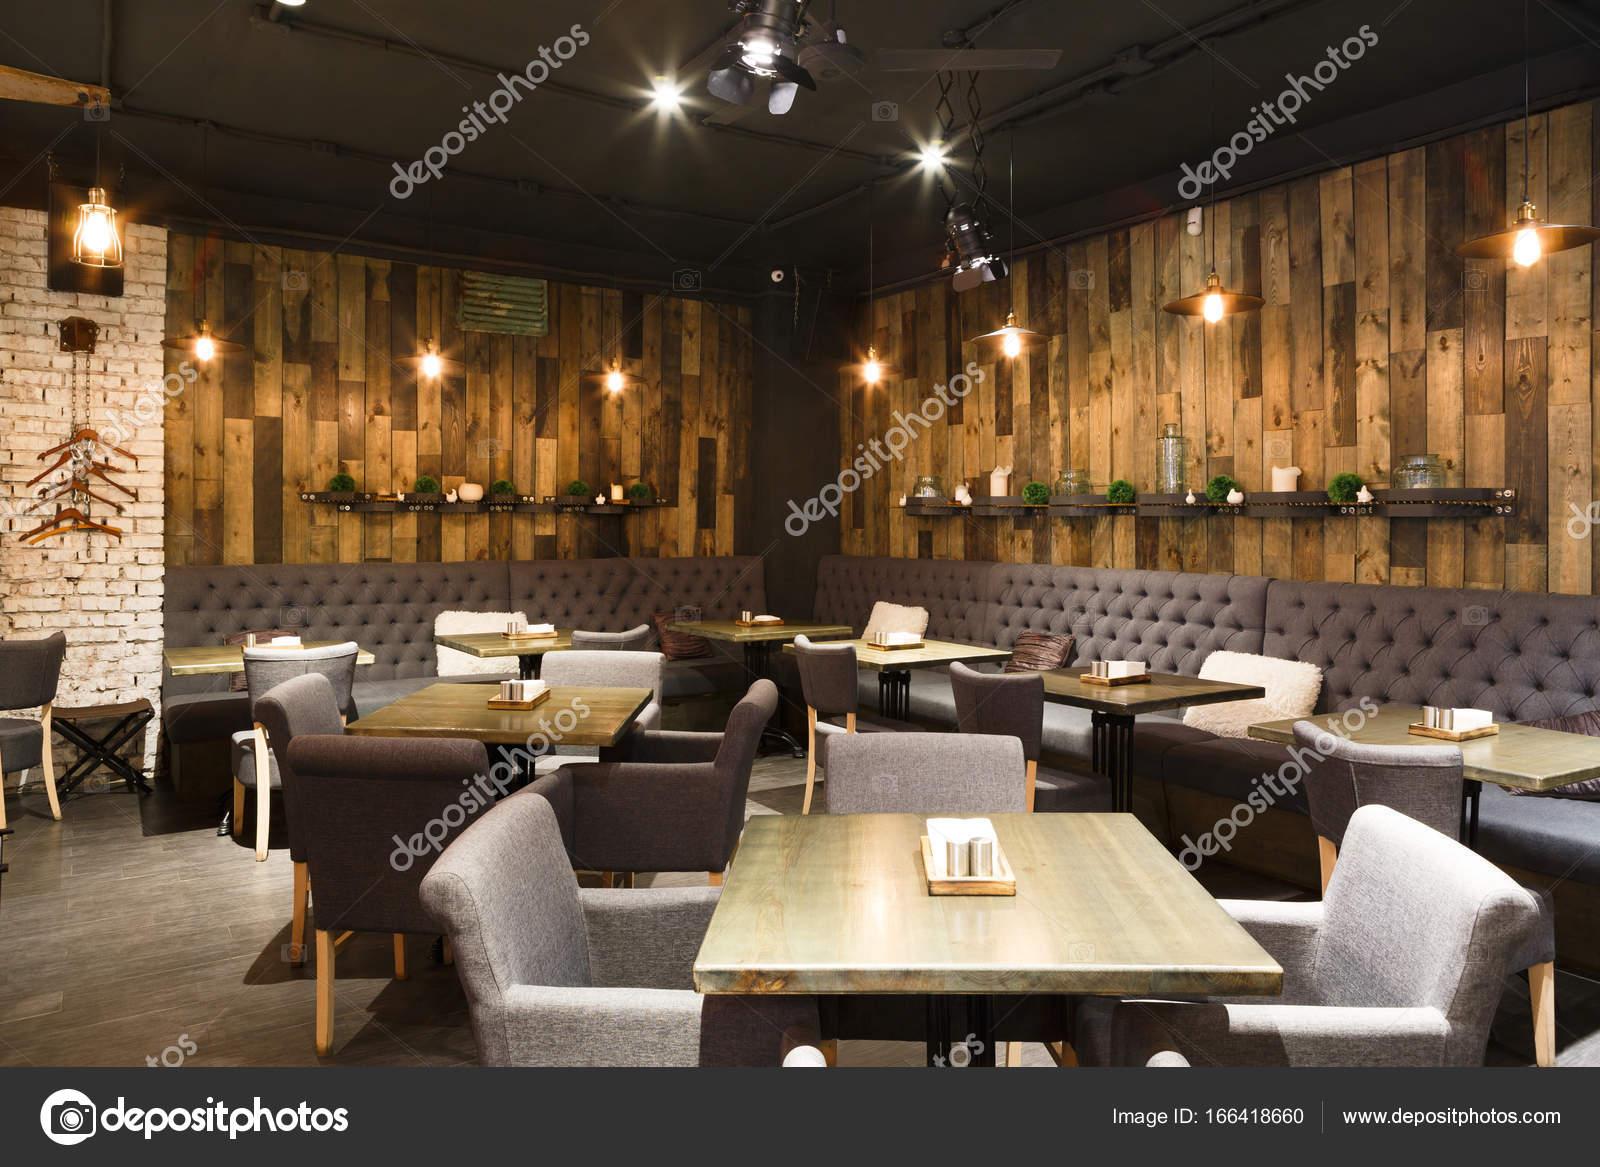 gezellig houten interieur van restaurant kopie ruimte stockfoto